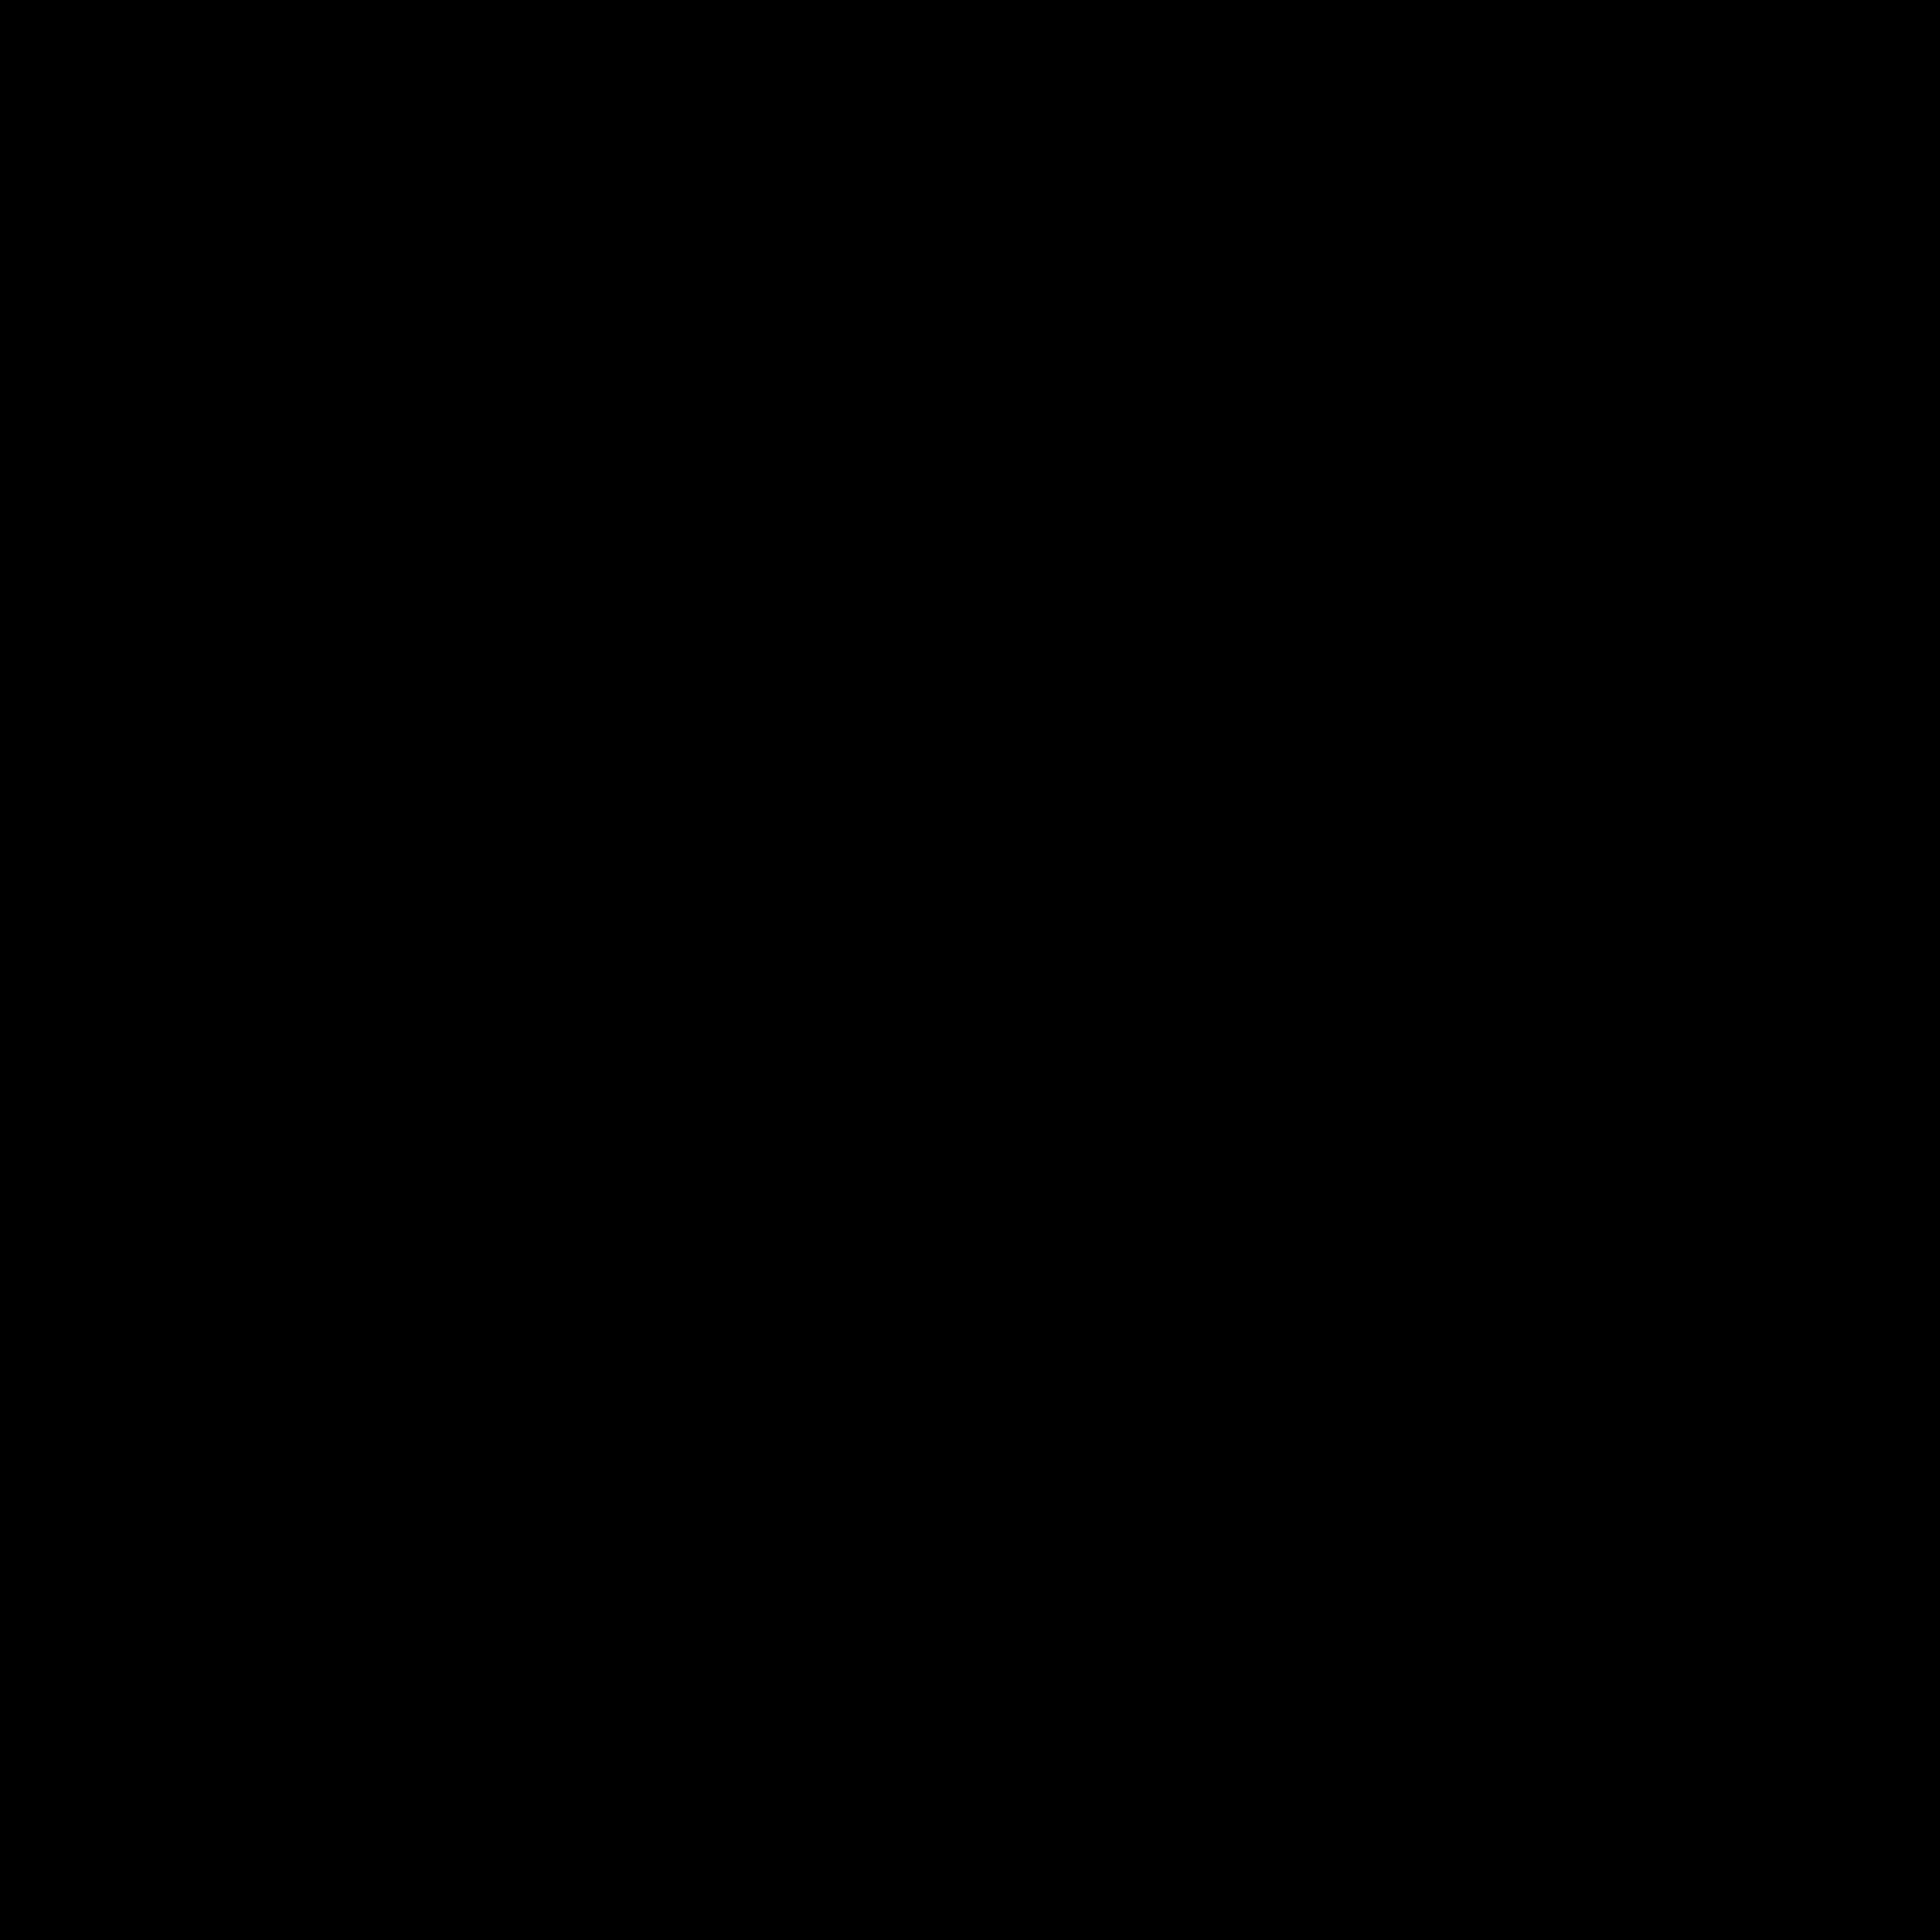 logo-broderskab Wacano